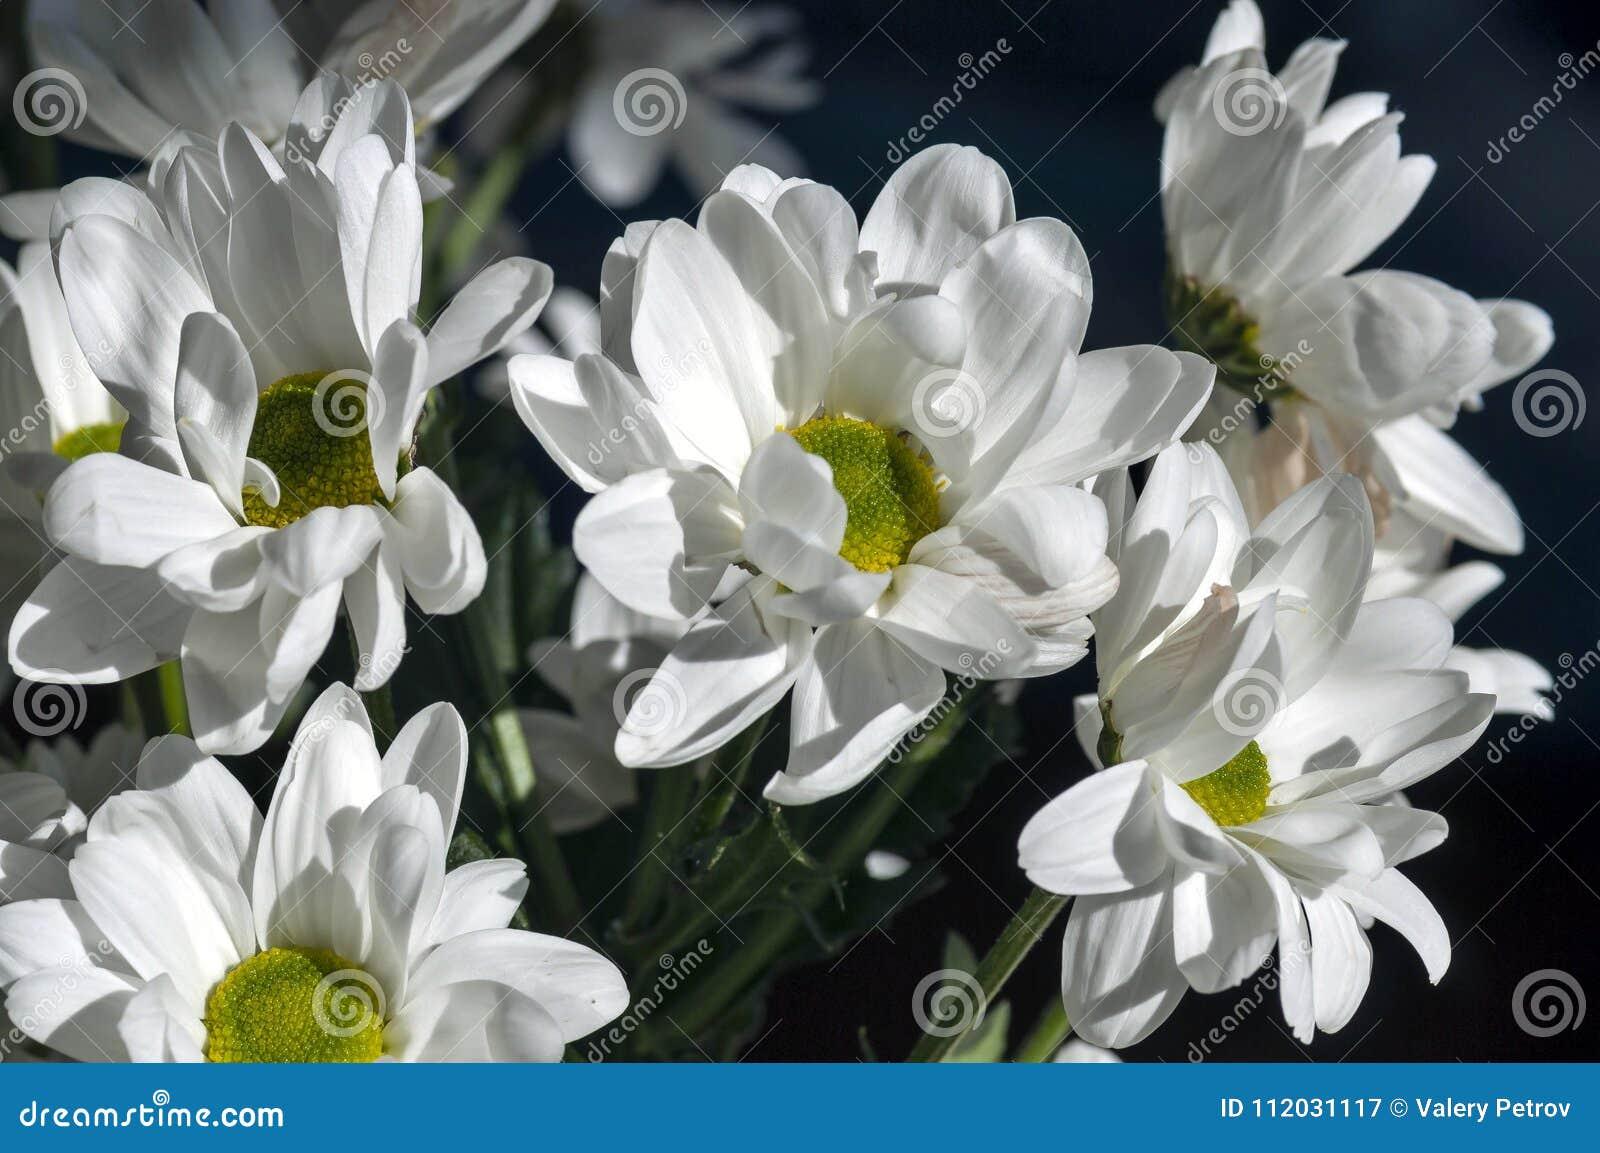 Few Beautiful White Spray Chrysanthemum Flowers Macro Stock Image